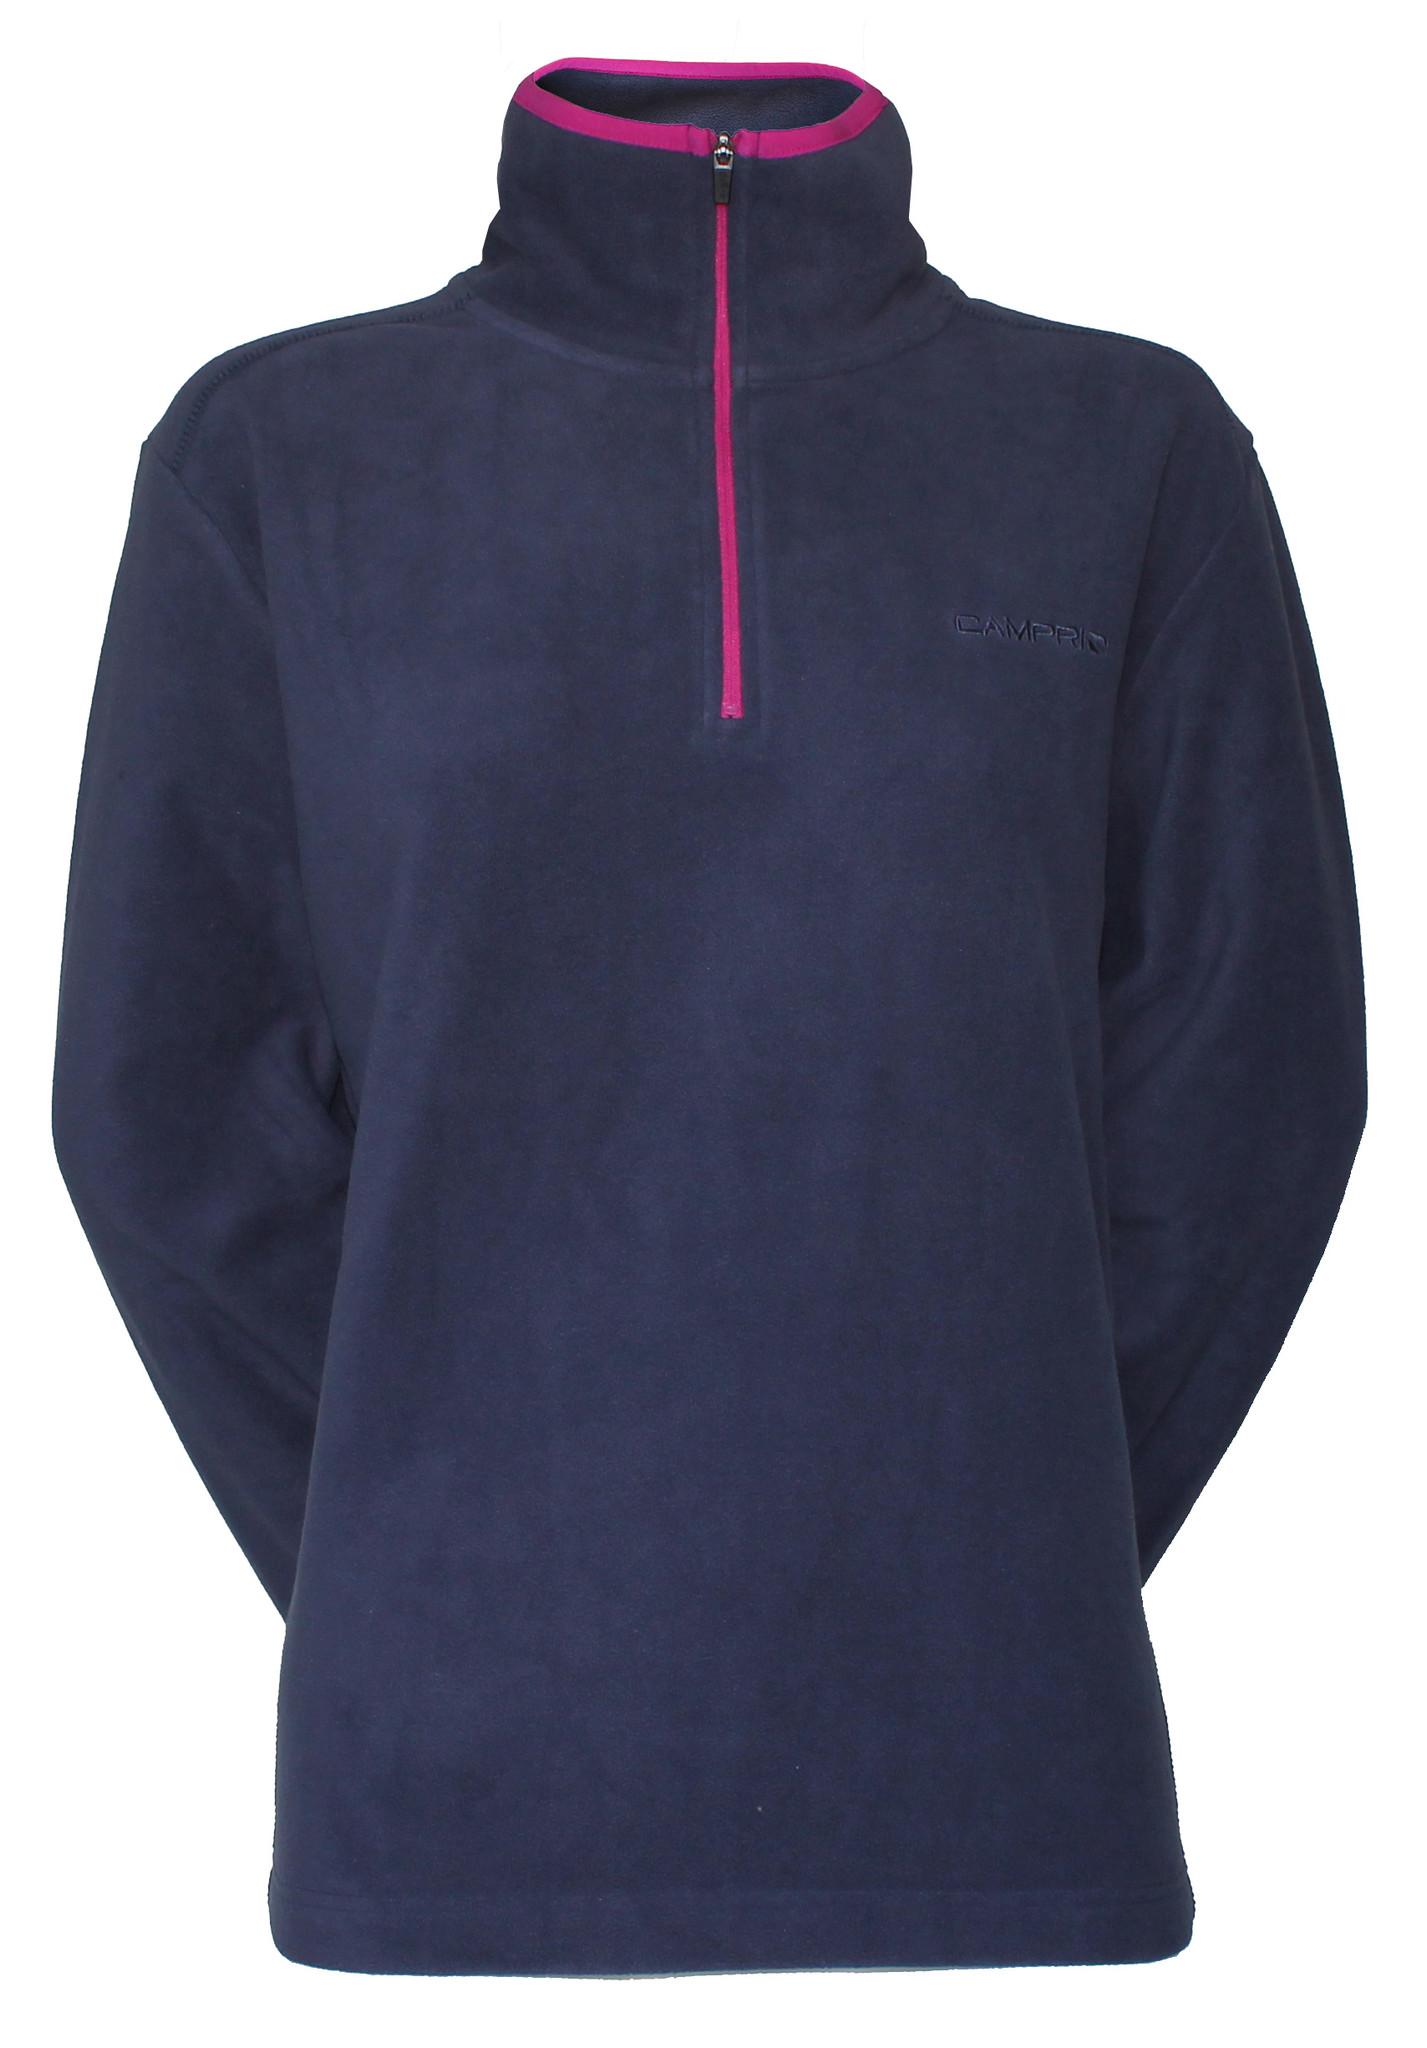 Campri Campri Dames Micro Polar fleece sweater - Blauw